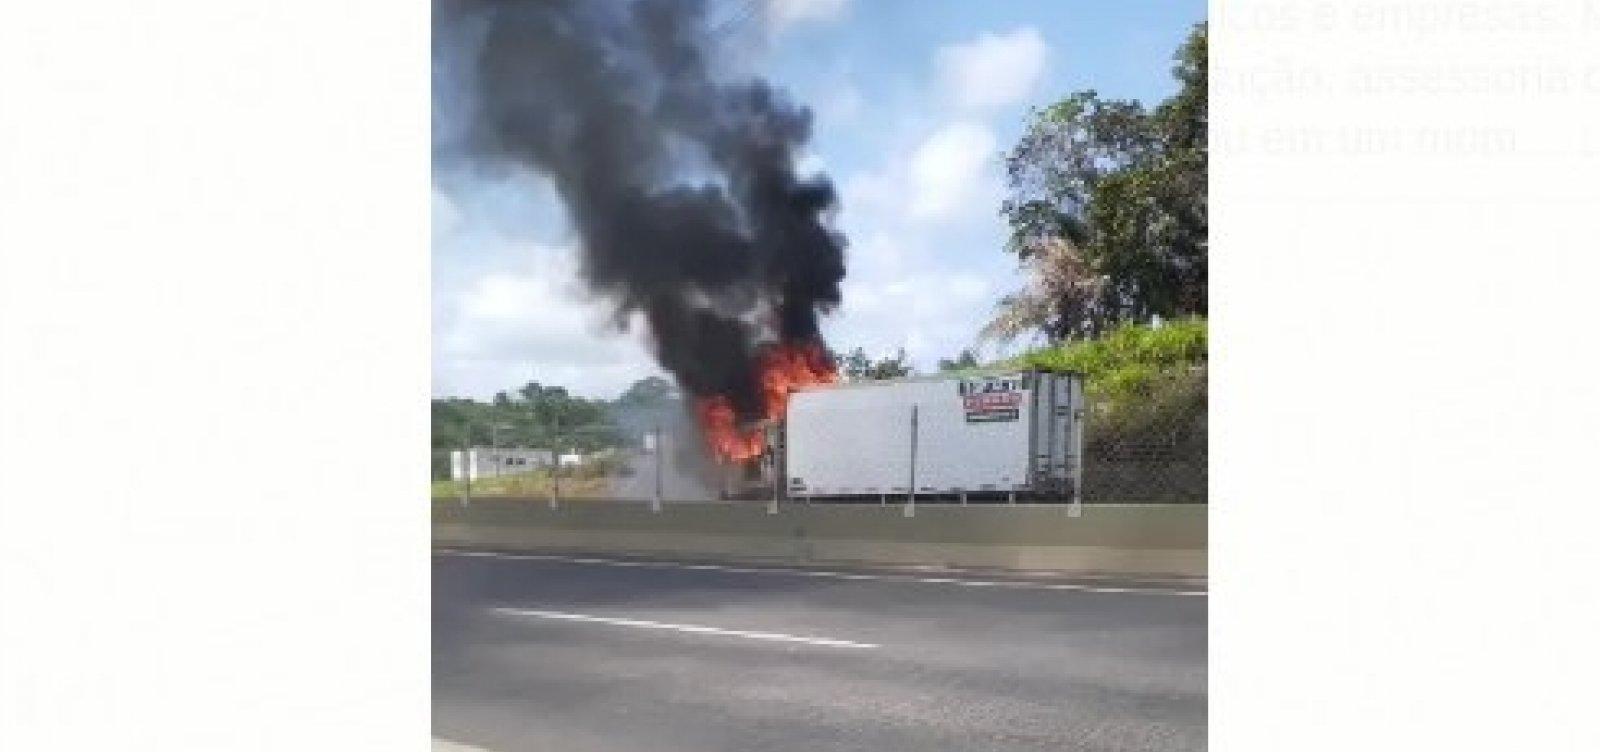 Bandidos armados atiram e ateam fogo a caminhão na rodovia CIA/Aeroporto